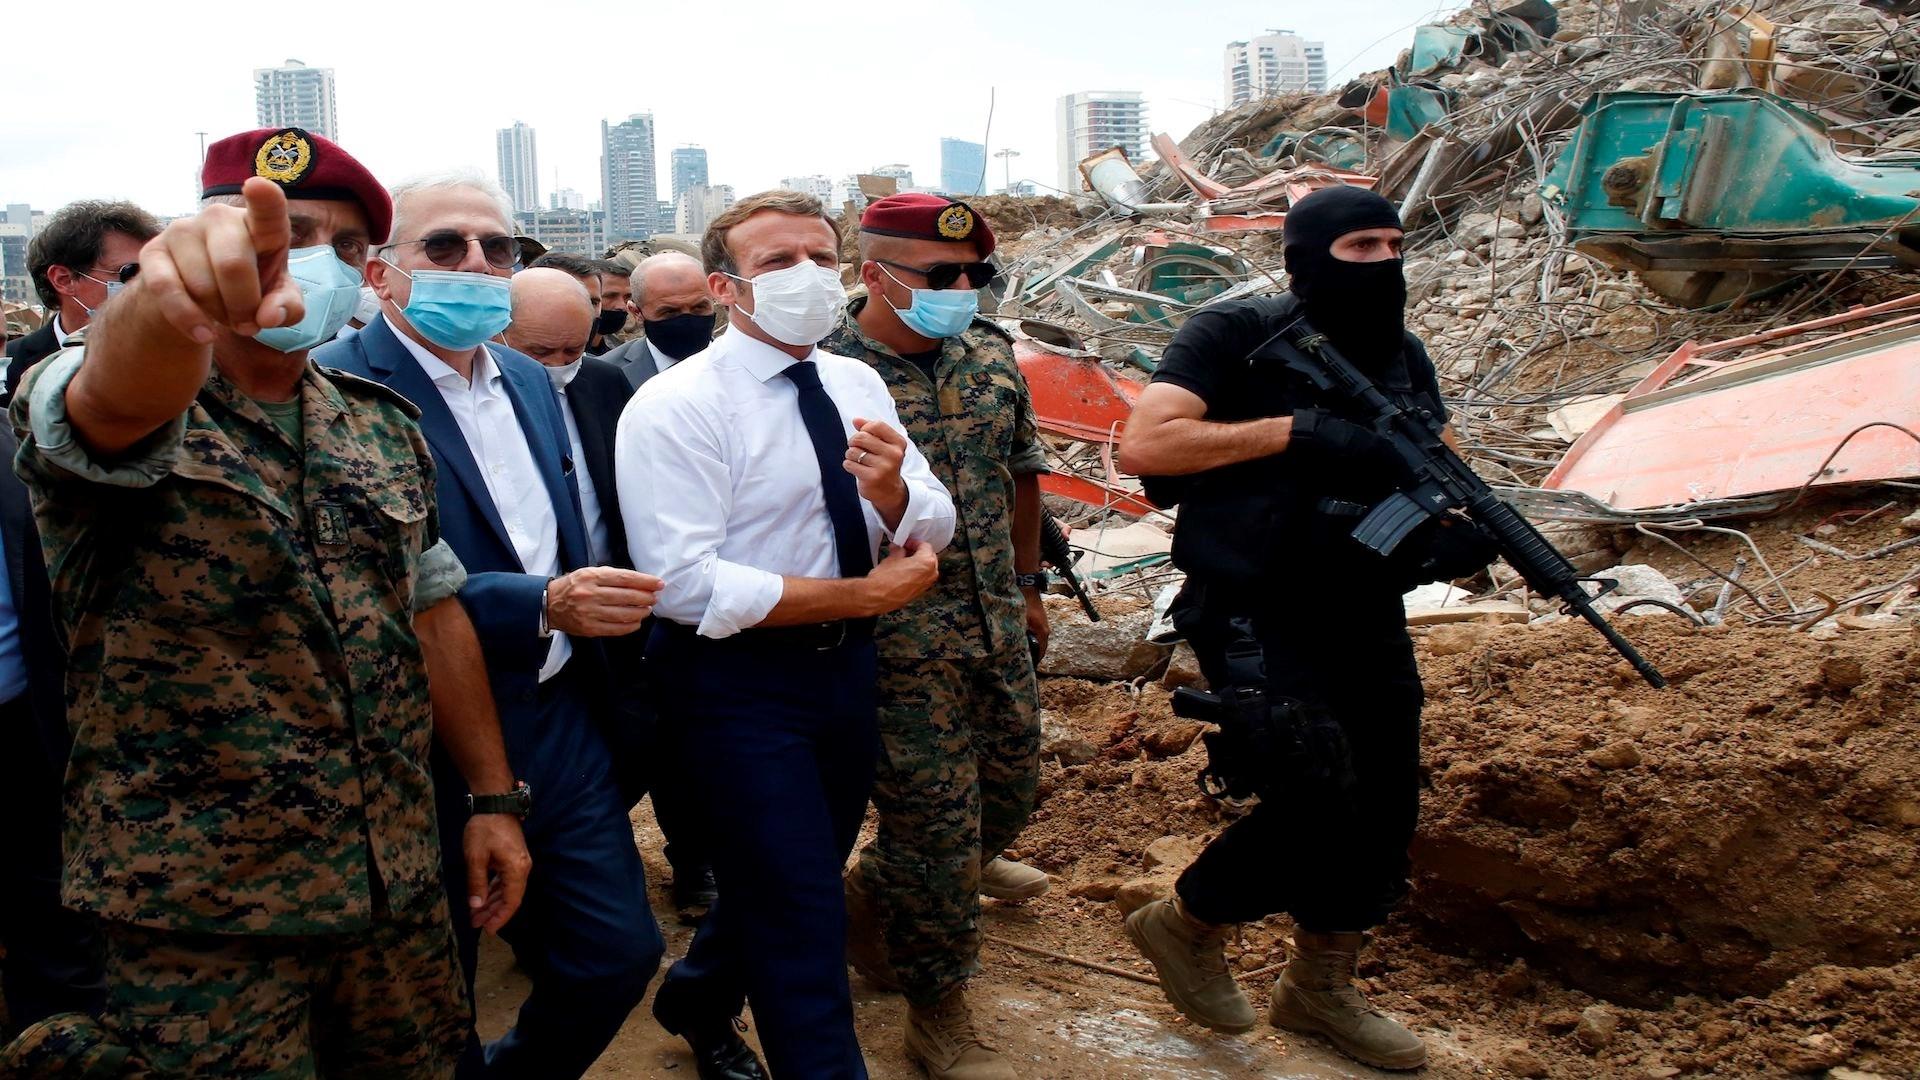 في سبتمبر/أيلول، أعلن ماكرون أن المبادرة الفرنسية حول لبنان لم تسحب عن الطاولة